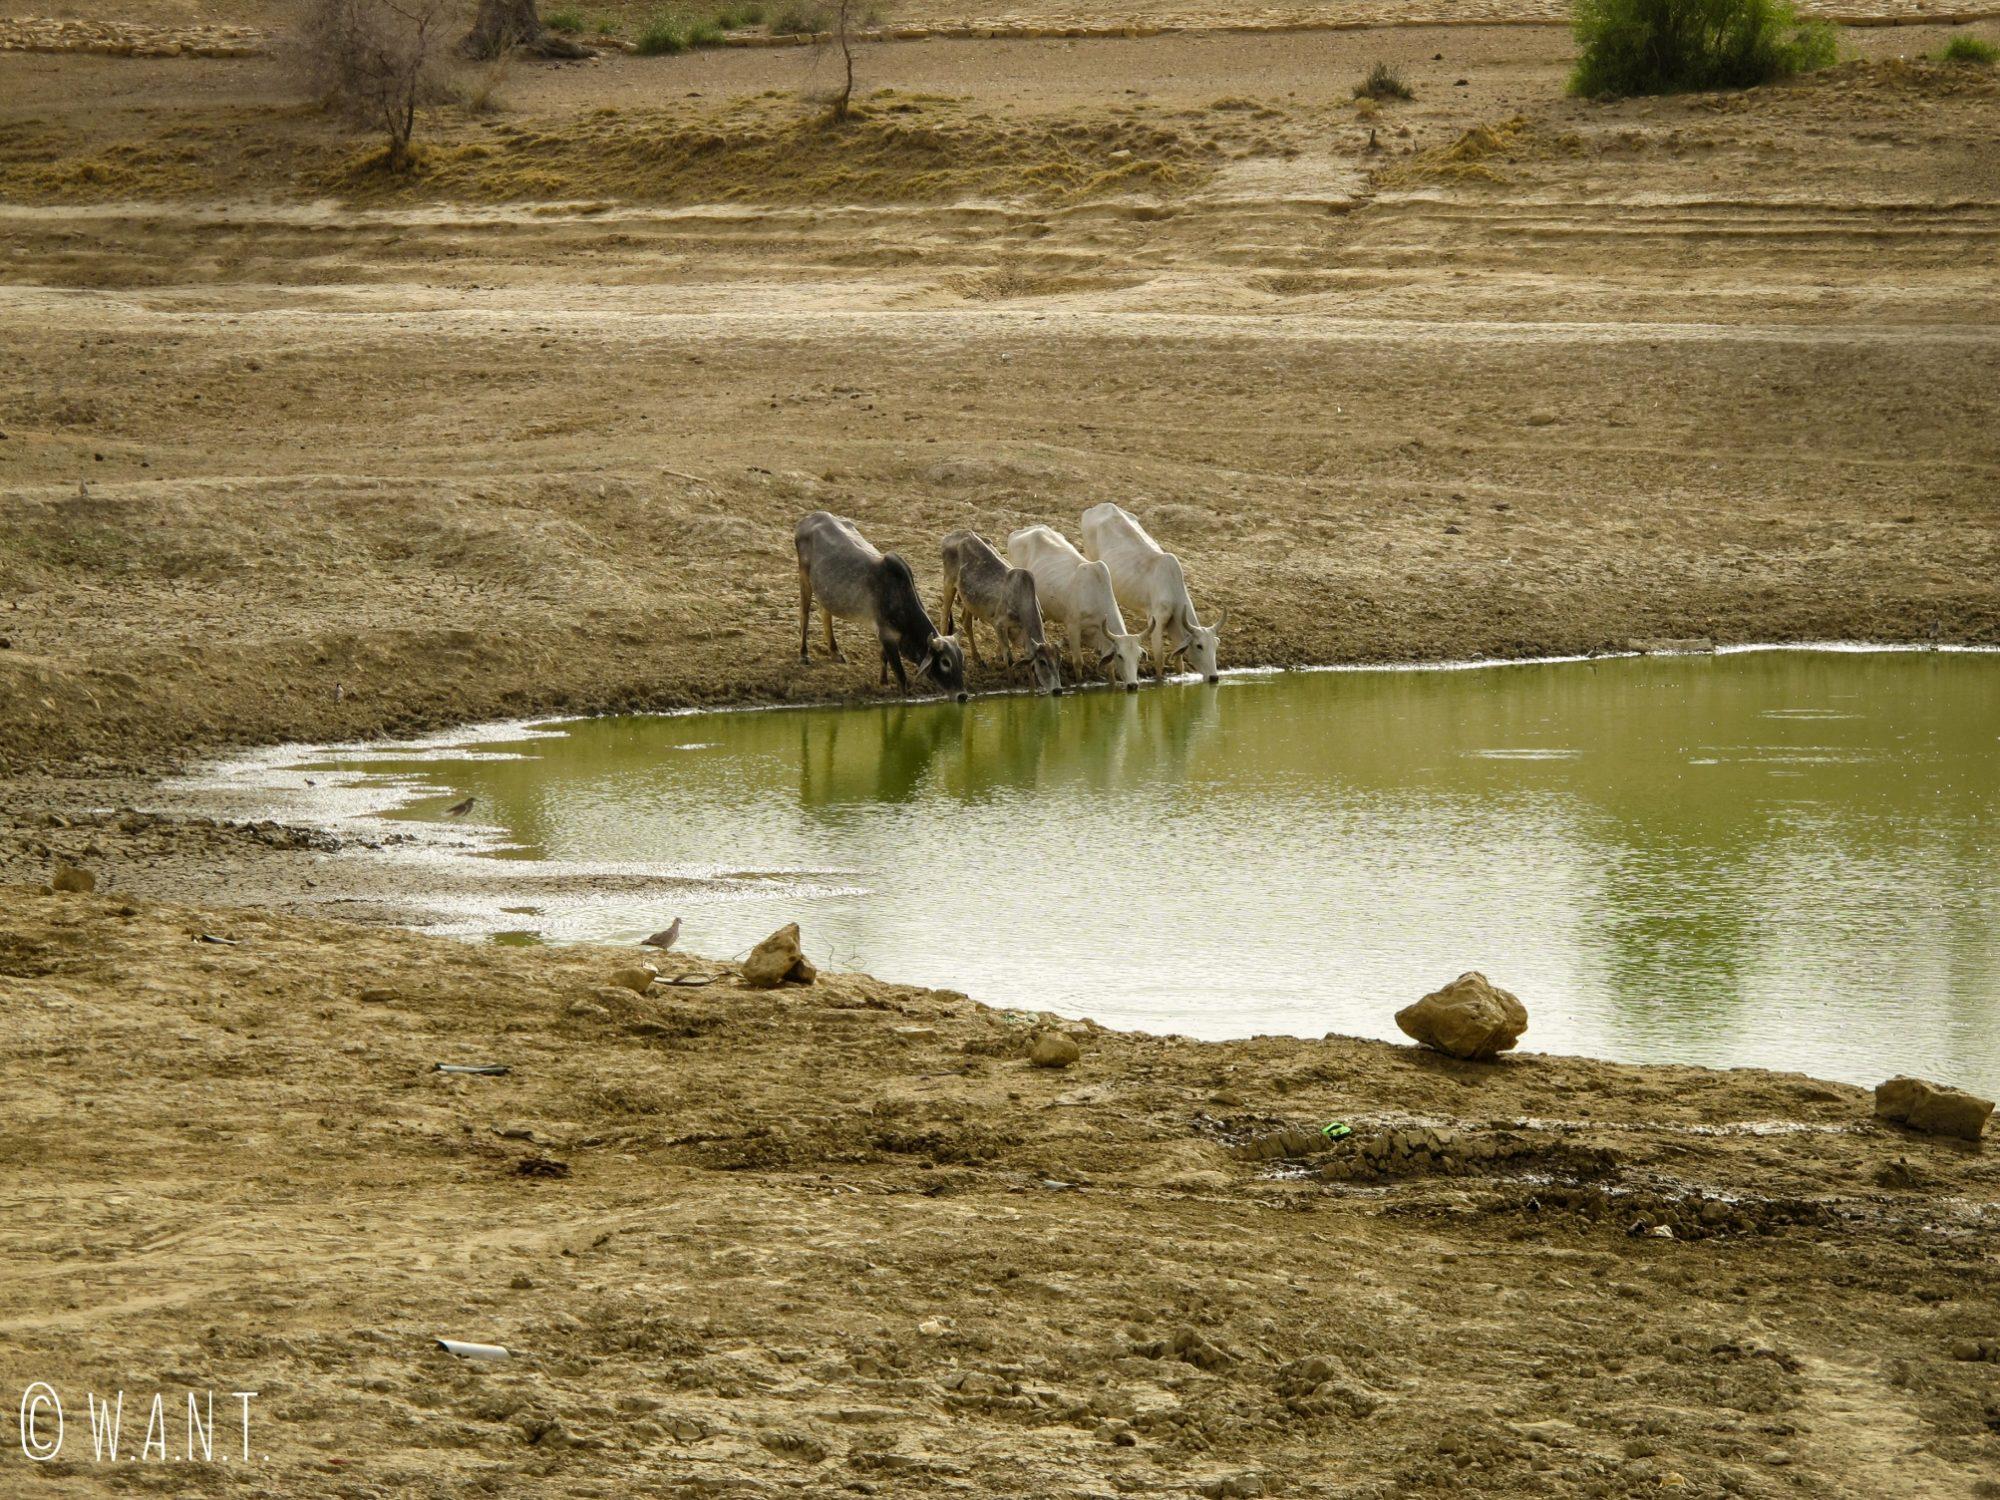 Quatre vaches s'abreuvent dans ce qui reste de l'oasis en cette période sèche